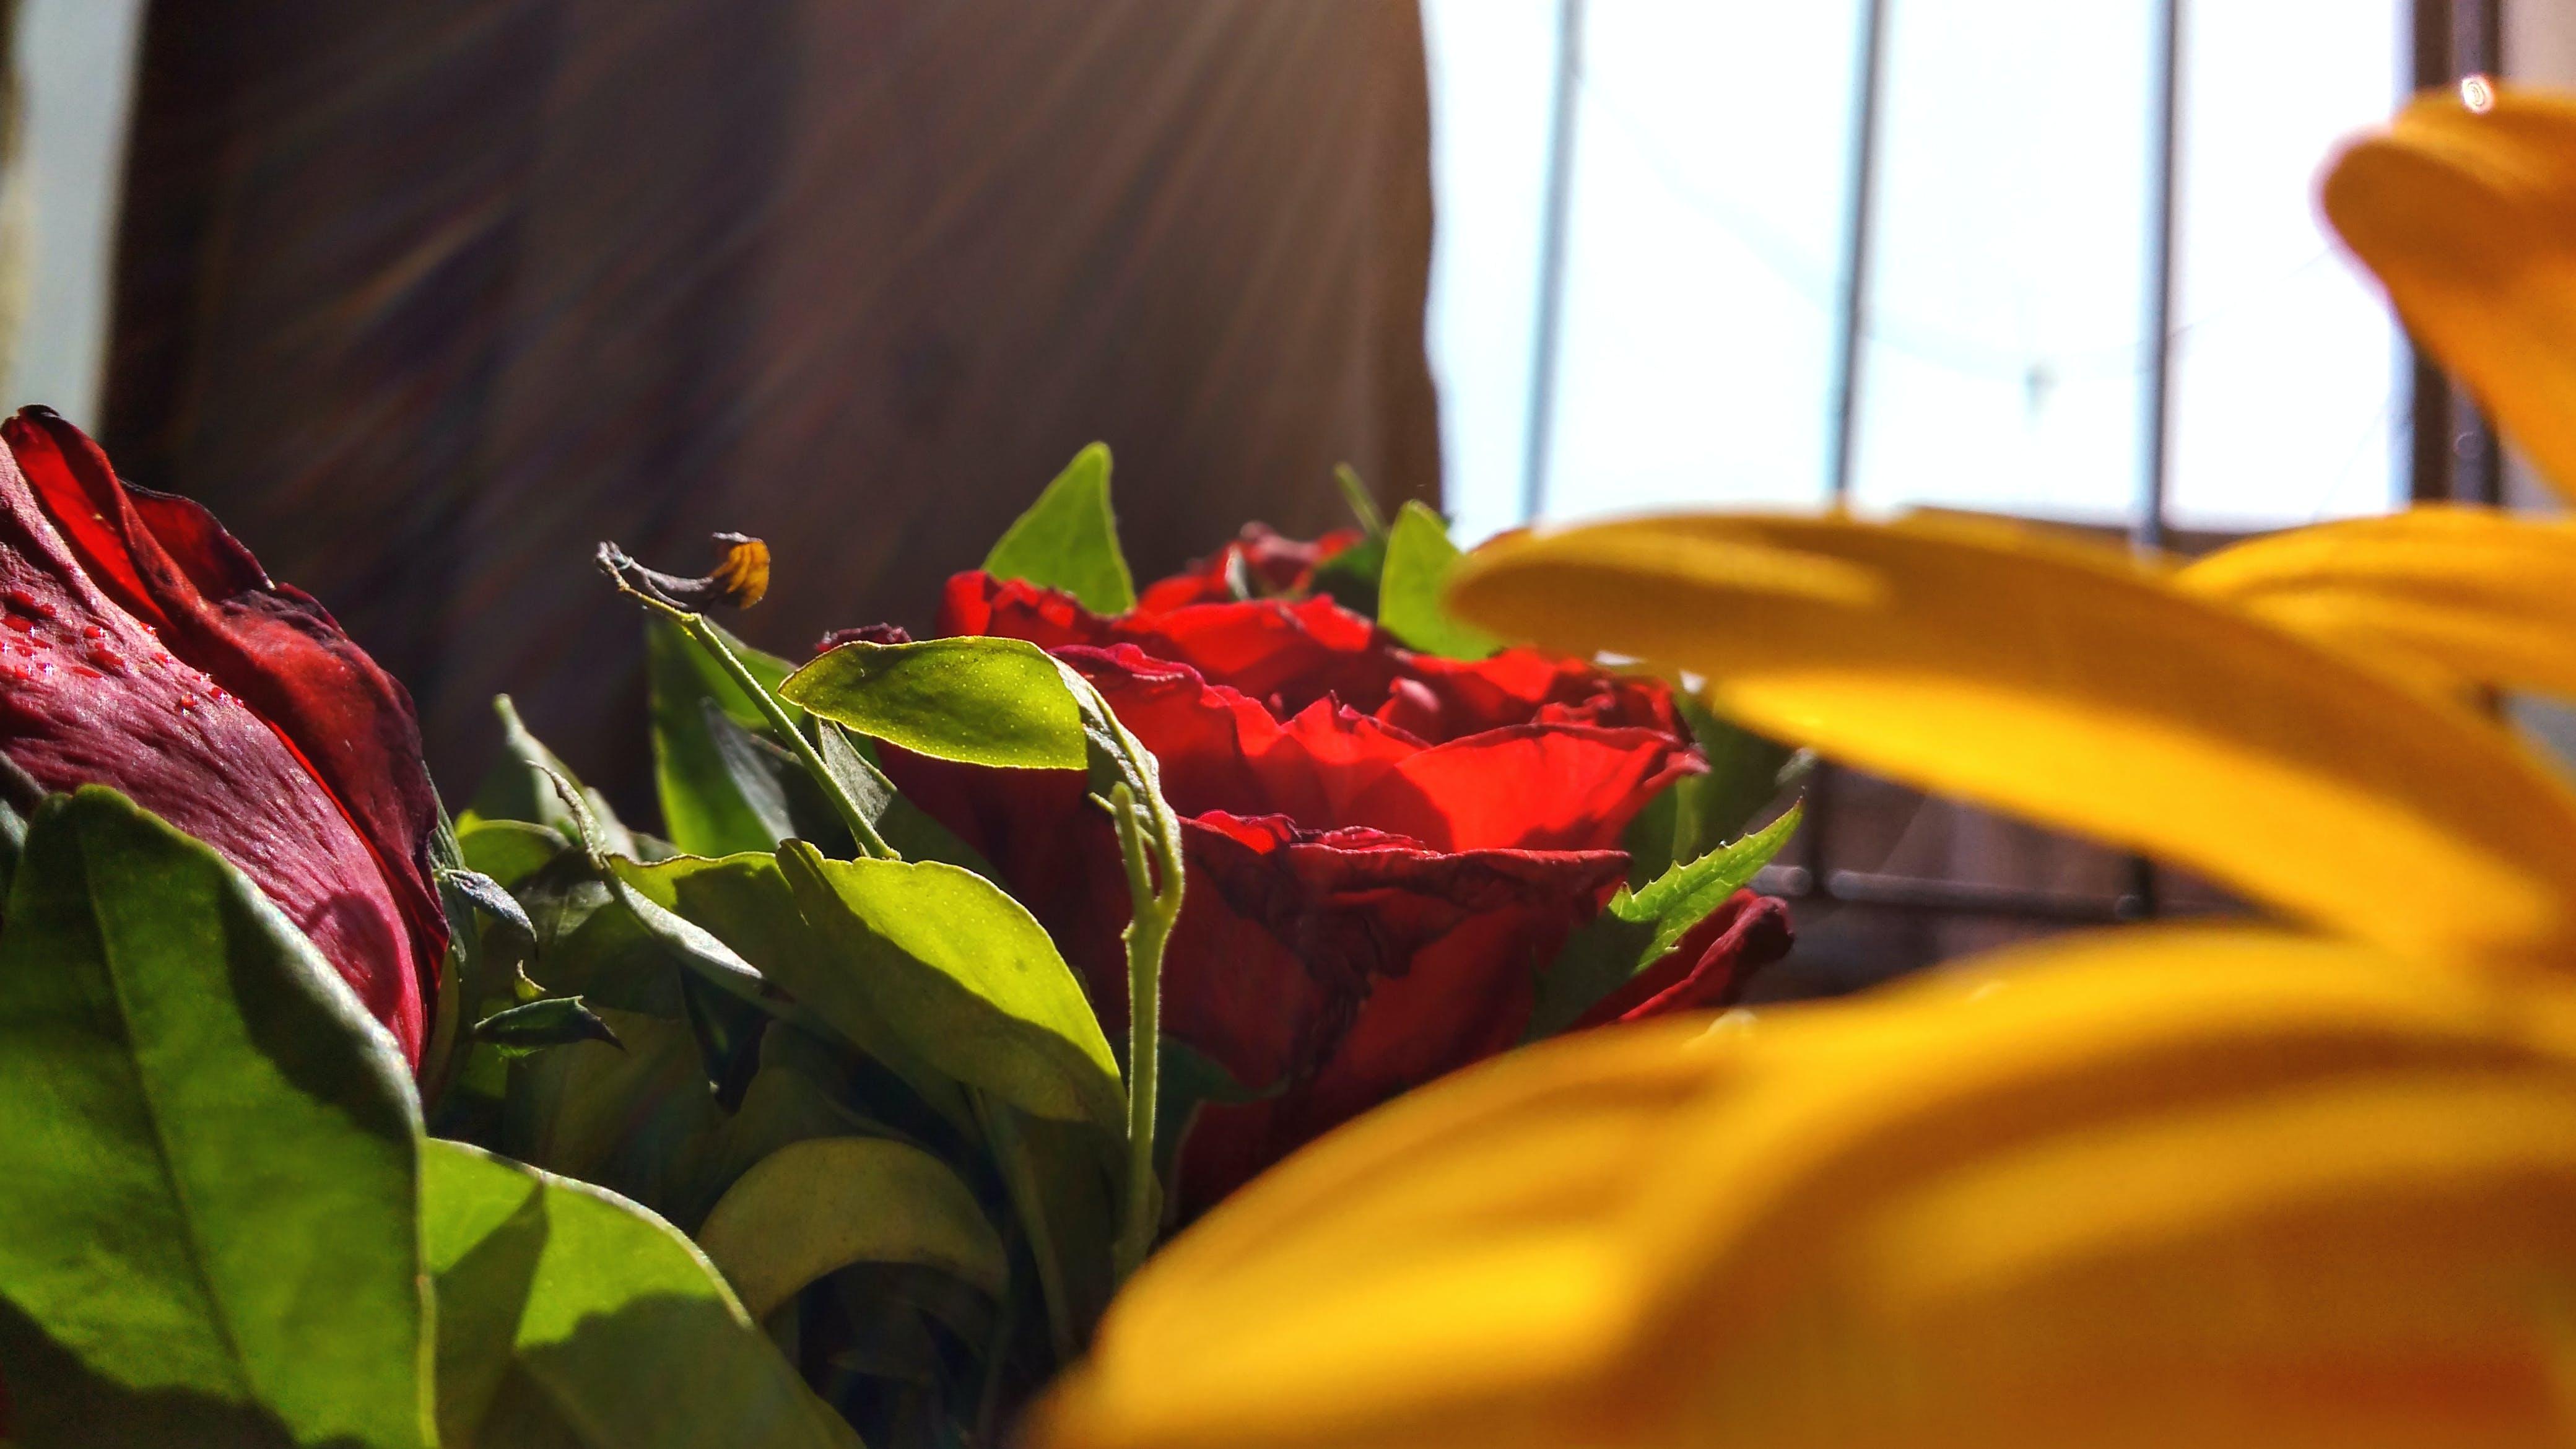 Free stock photo of roses, sunlight, sunflower